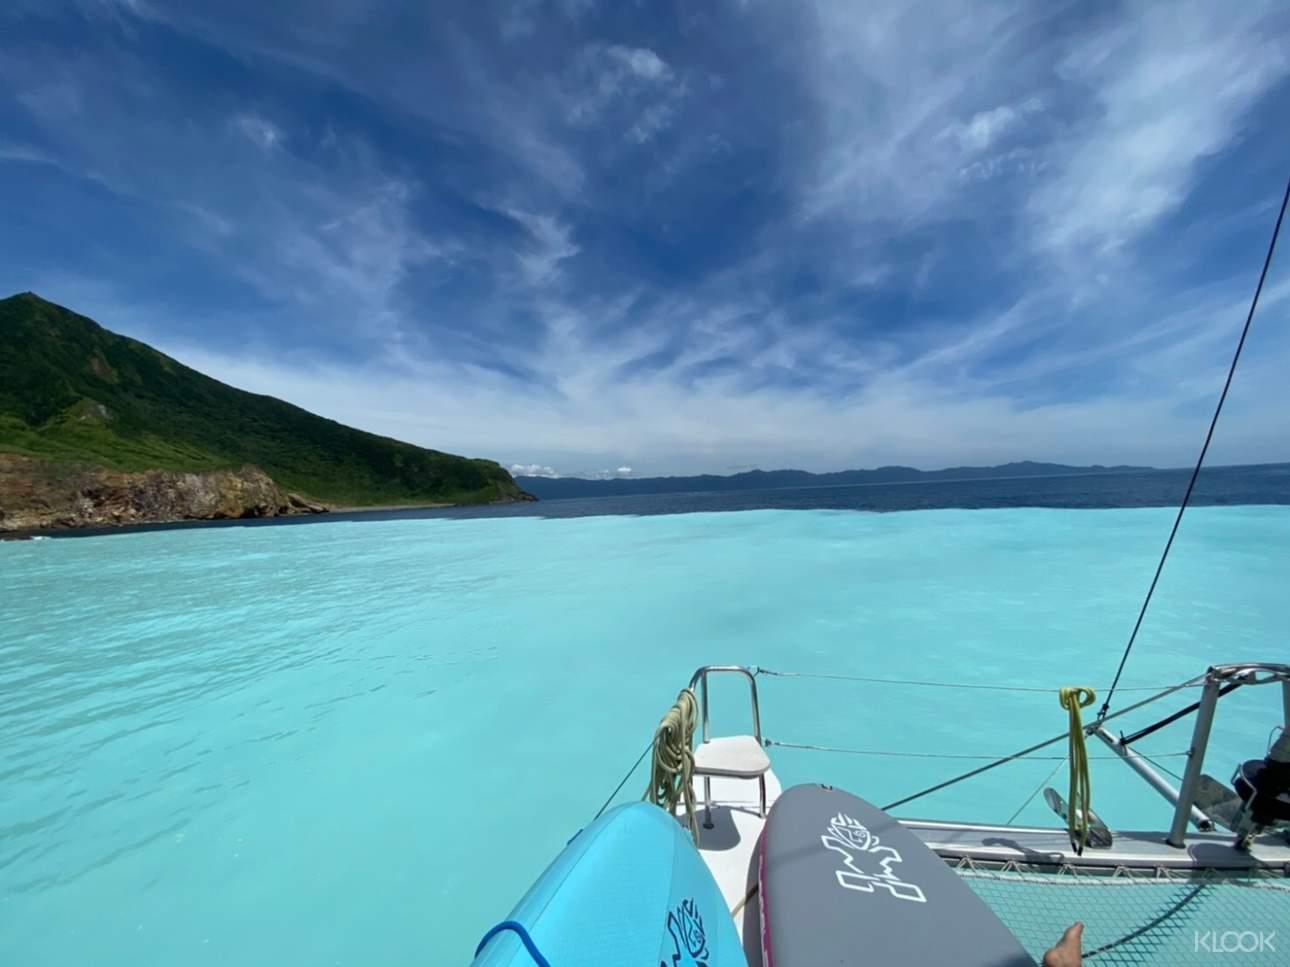 乘坐帆船探索牛奶海,度過悠閒奢華的輕旅行時光(帆船方案)